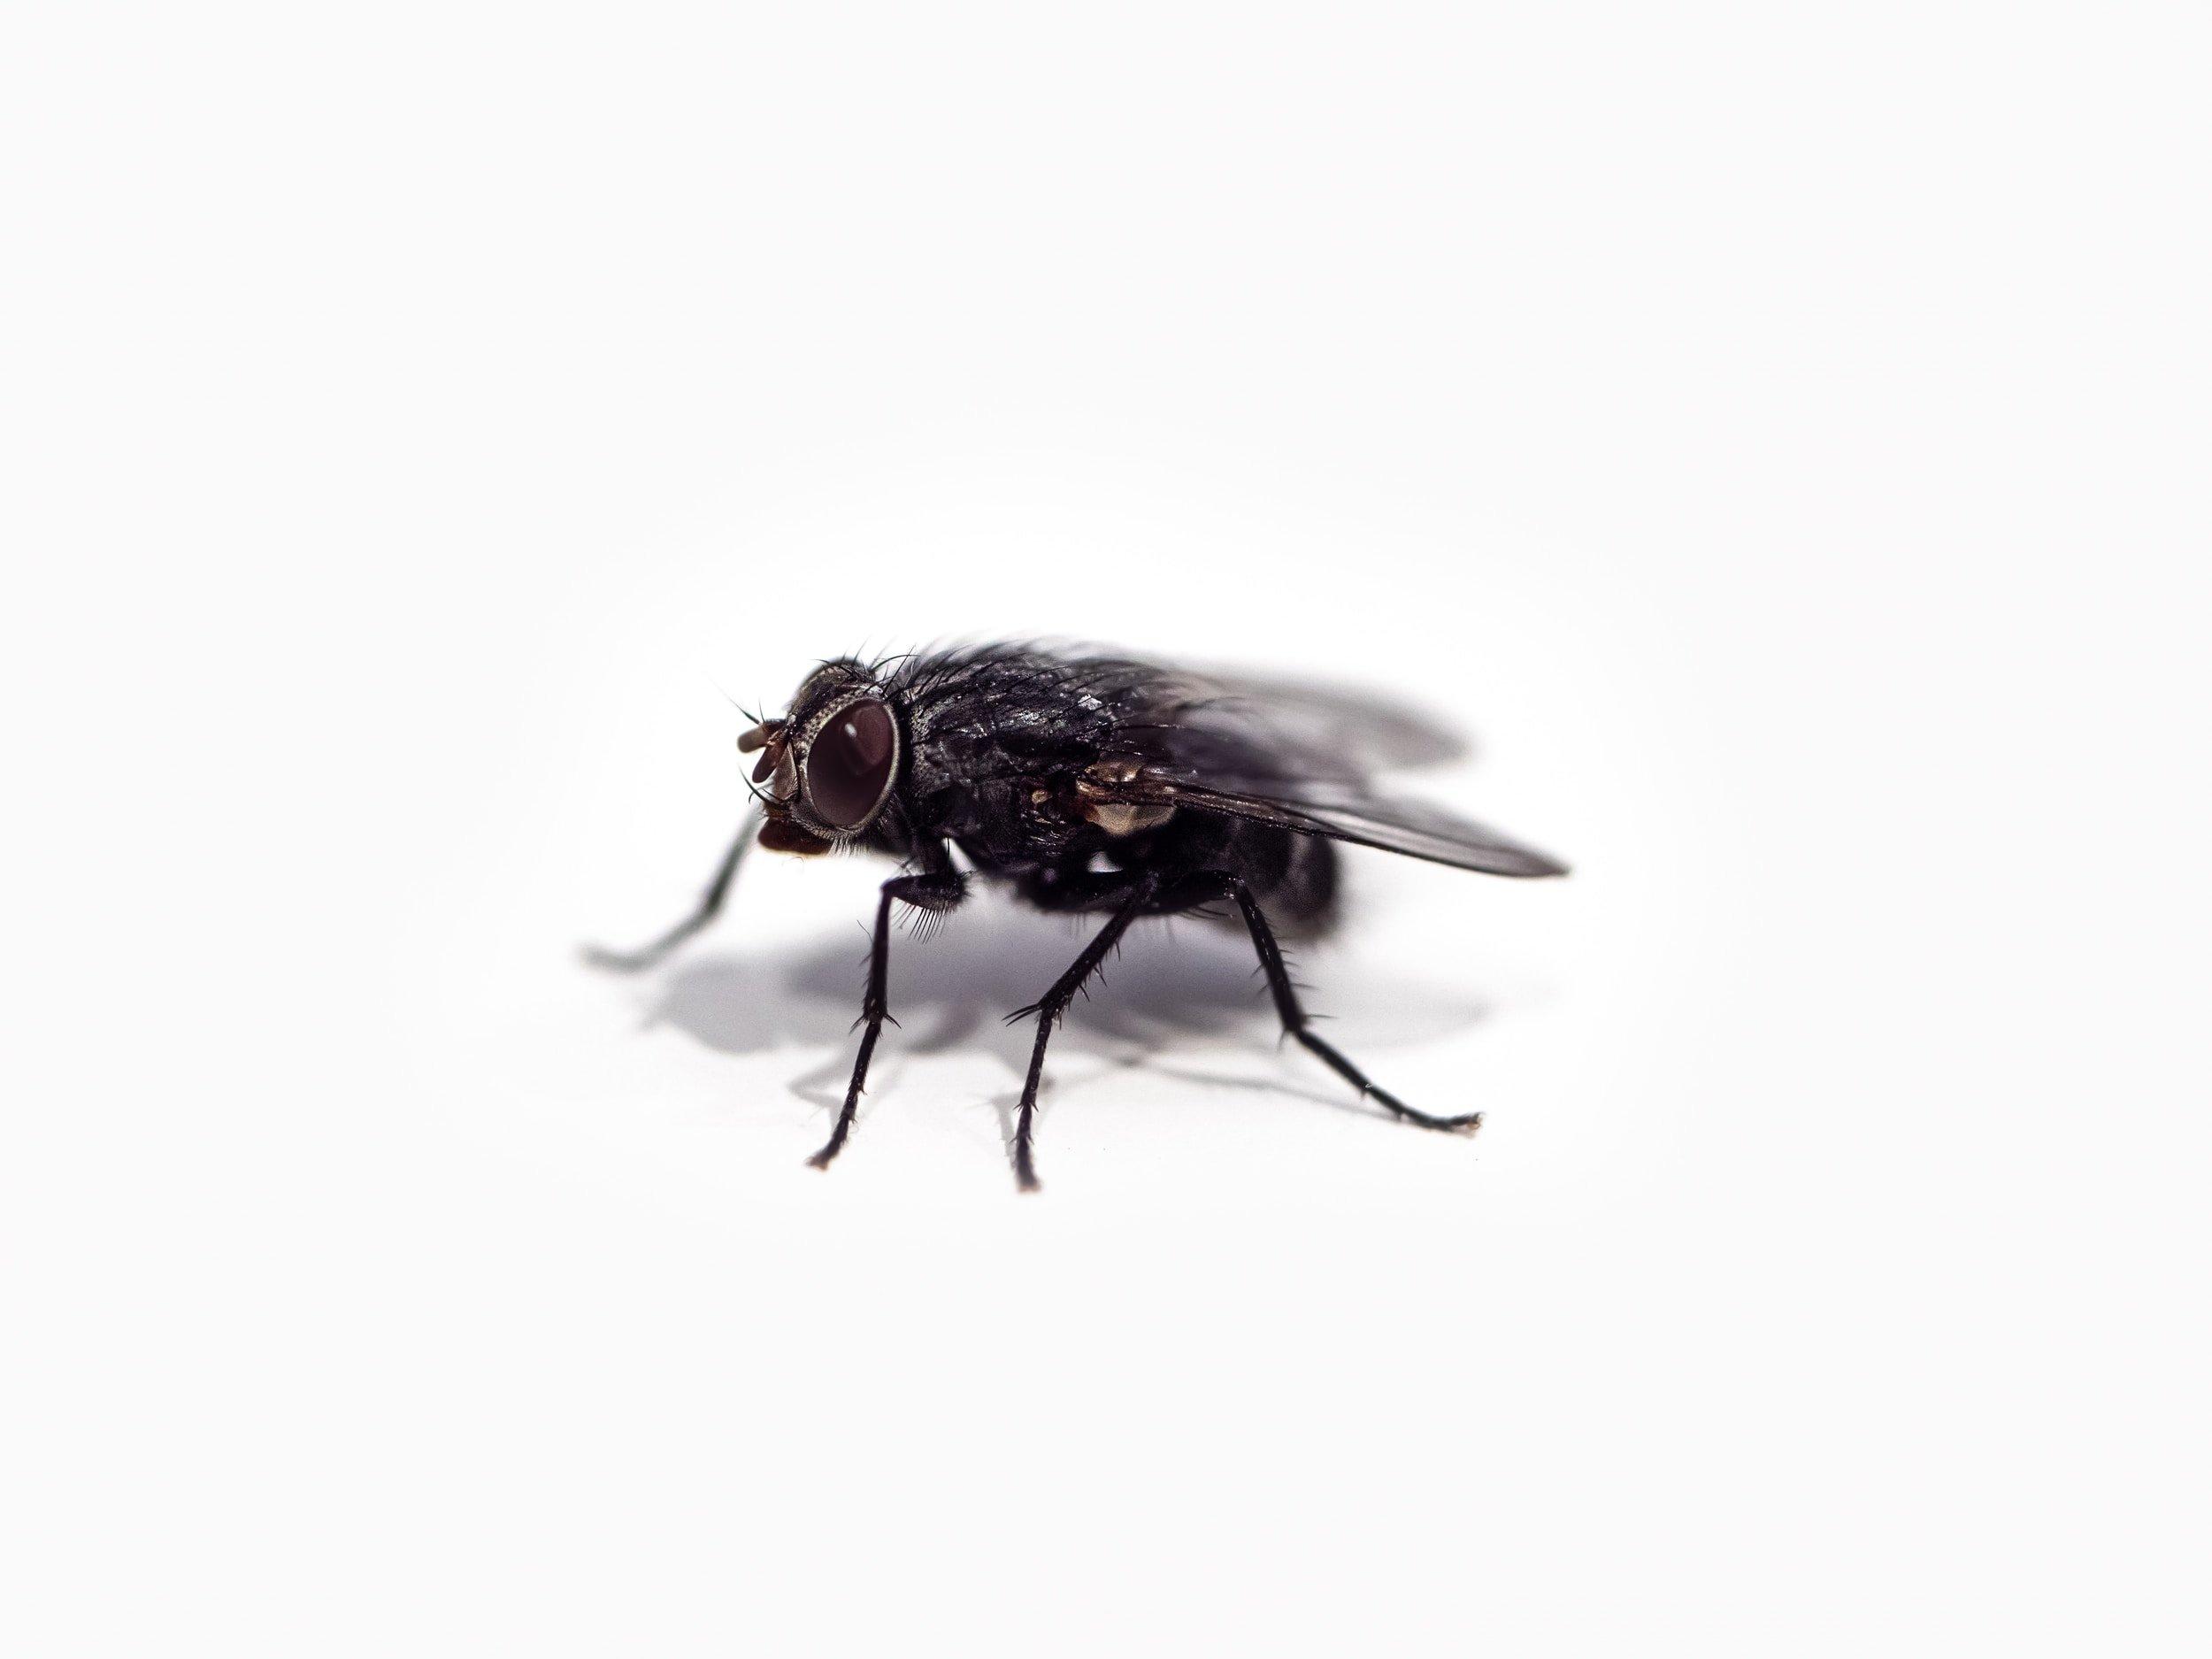 شركة مكافحة حشرات الذباب في الشامخة أبو ظبي